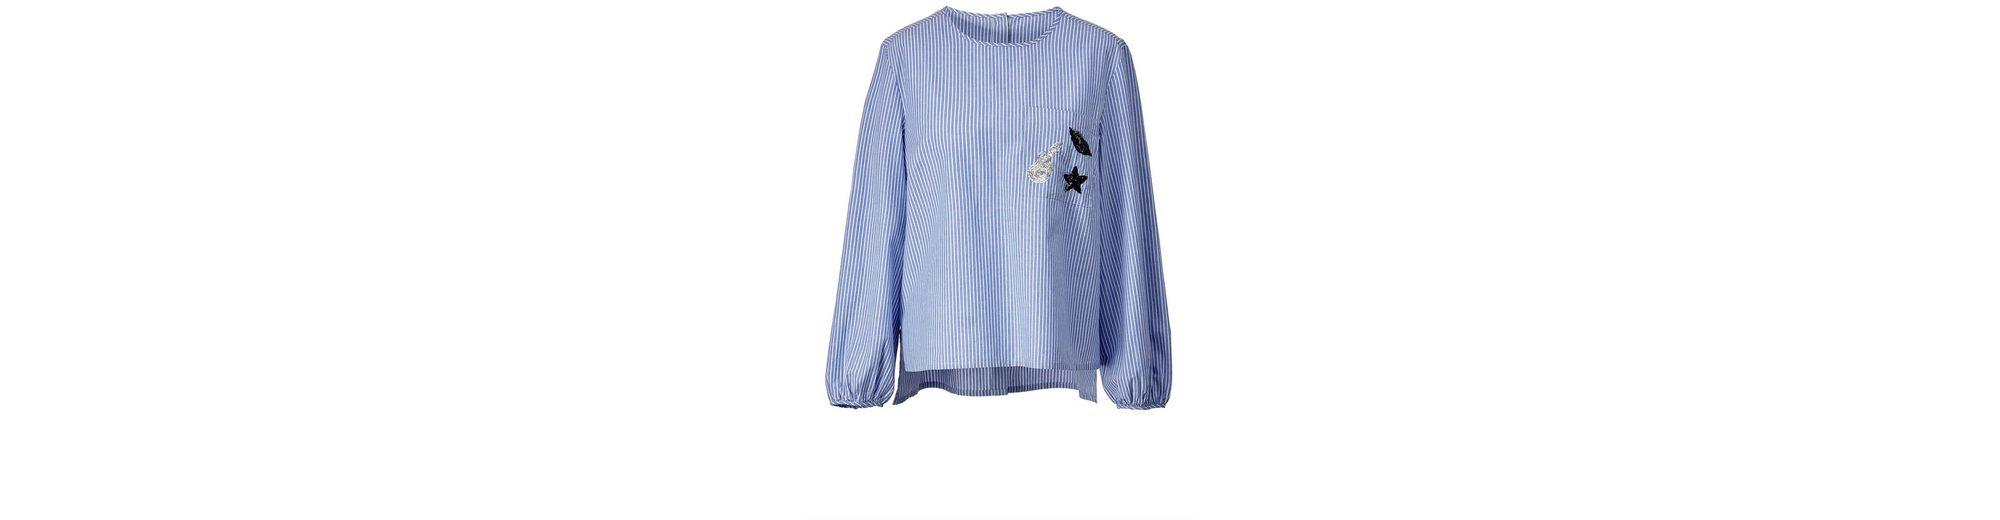 Professionelle Verkauf Online Angel of Style by Happy Size Vokuhila-Bluse gestreift Aus Deutschland Günstigem Preis Auslass 100% Garantiert Spielraum Finden Große ZouMtg